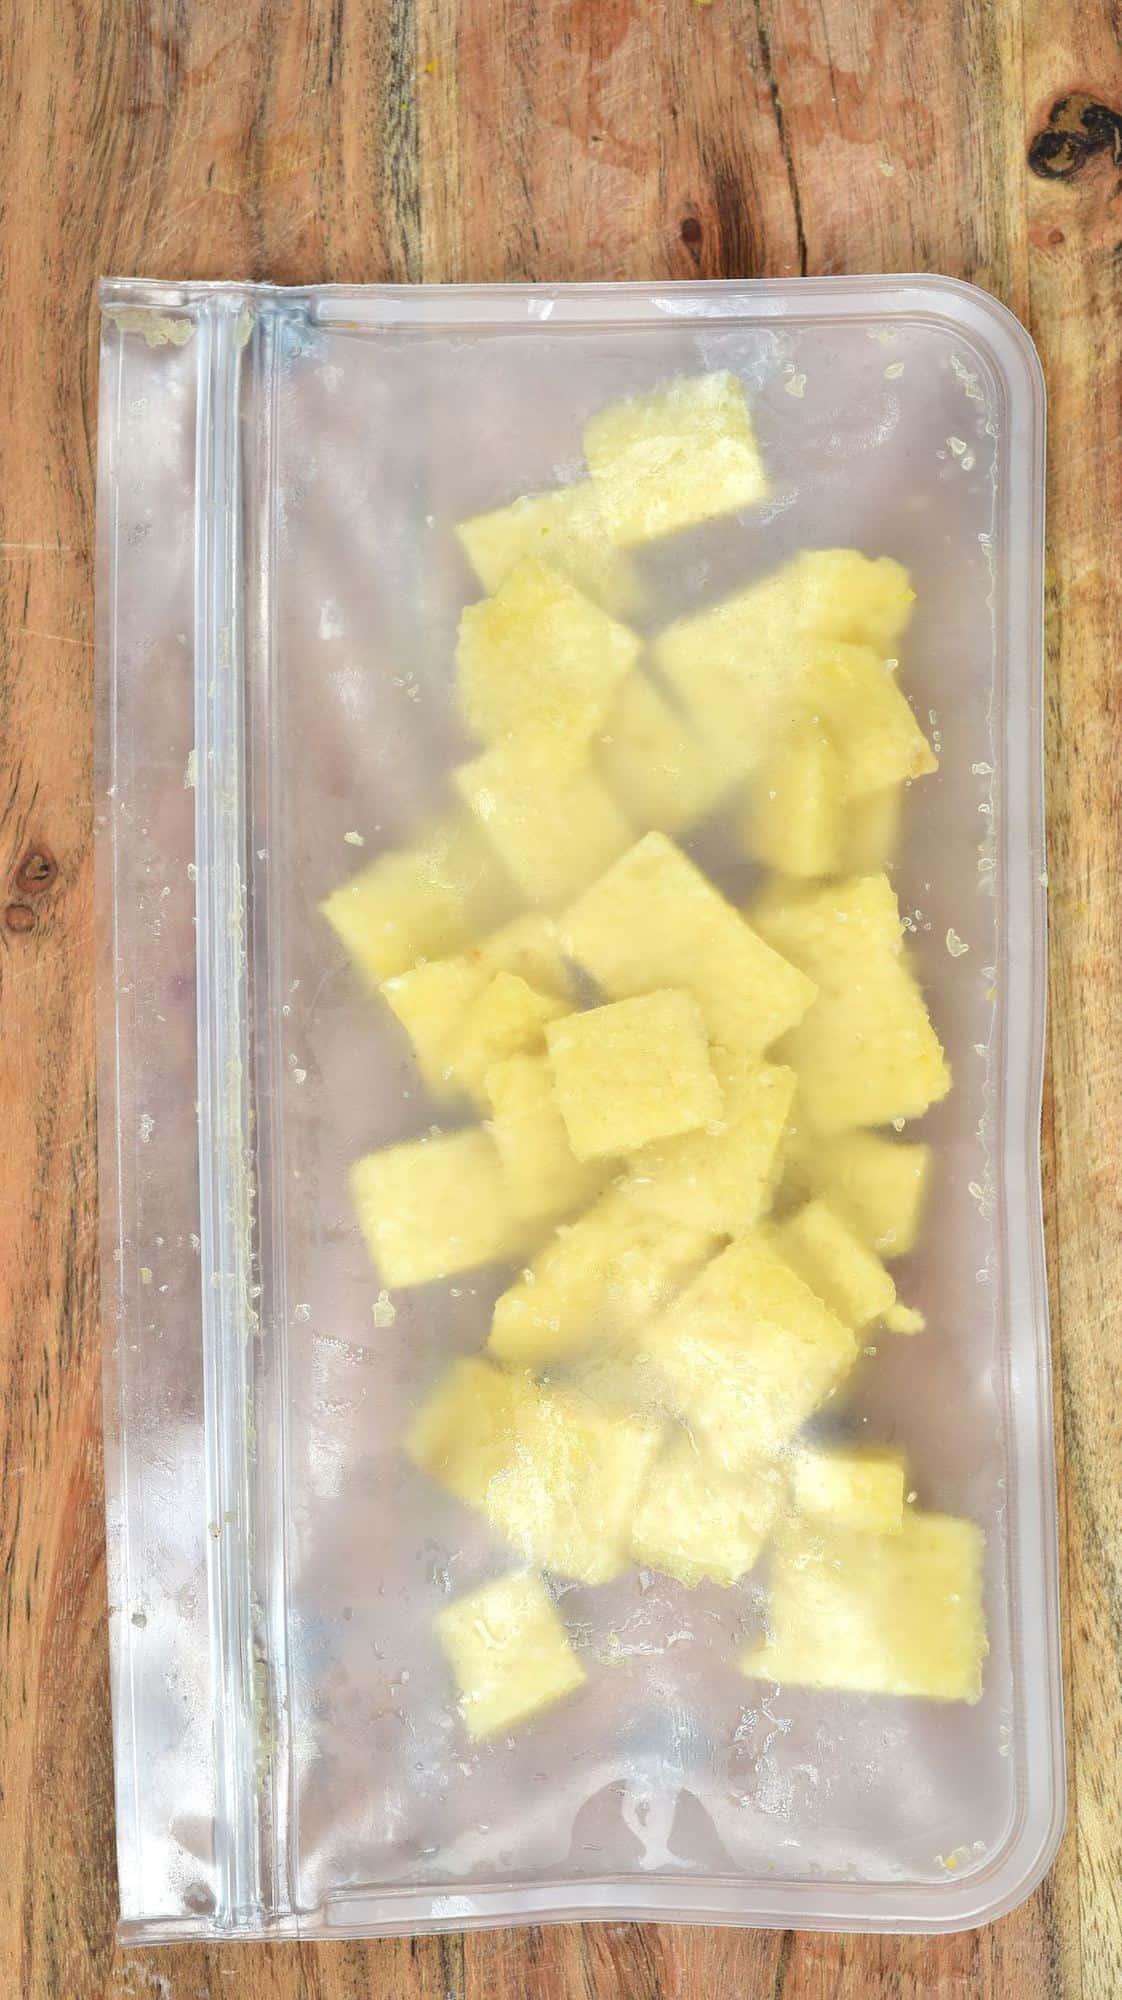 Frozen garlic cubes in a freezer bag